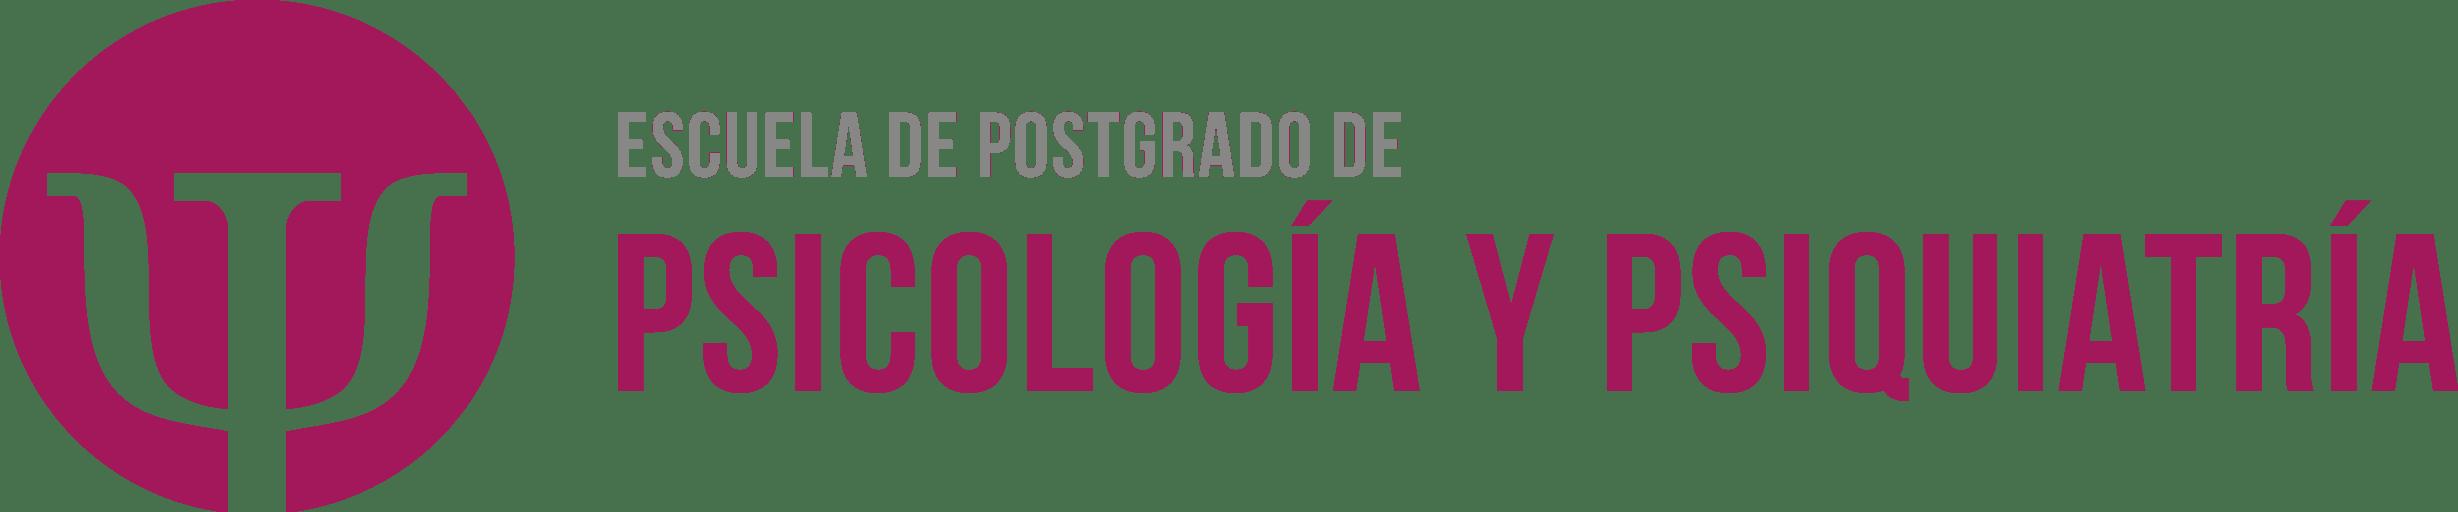 Escuela ELBS - Latinoamérica